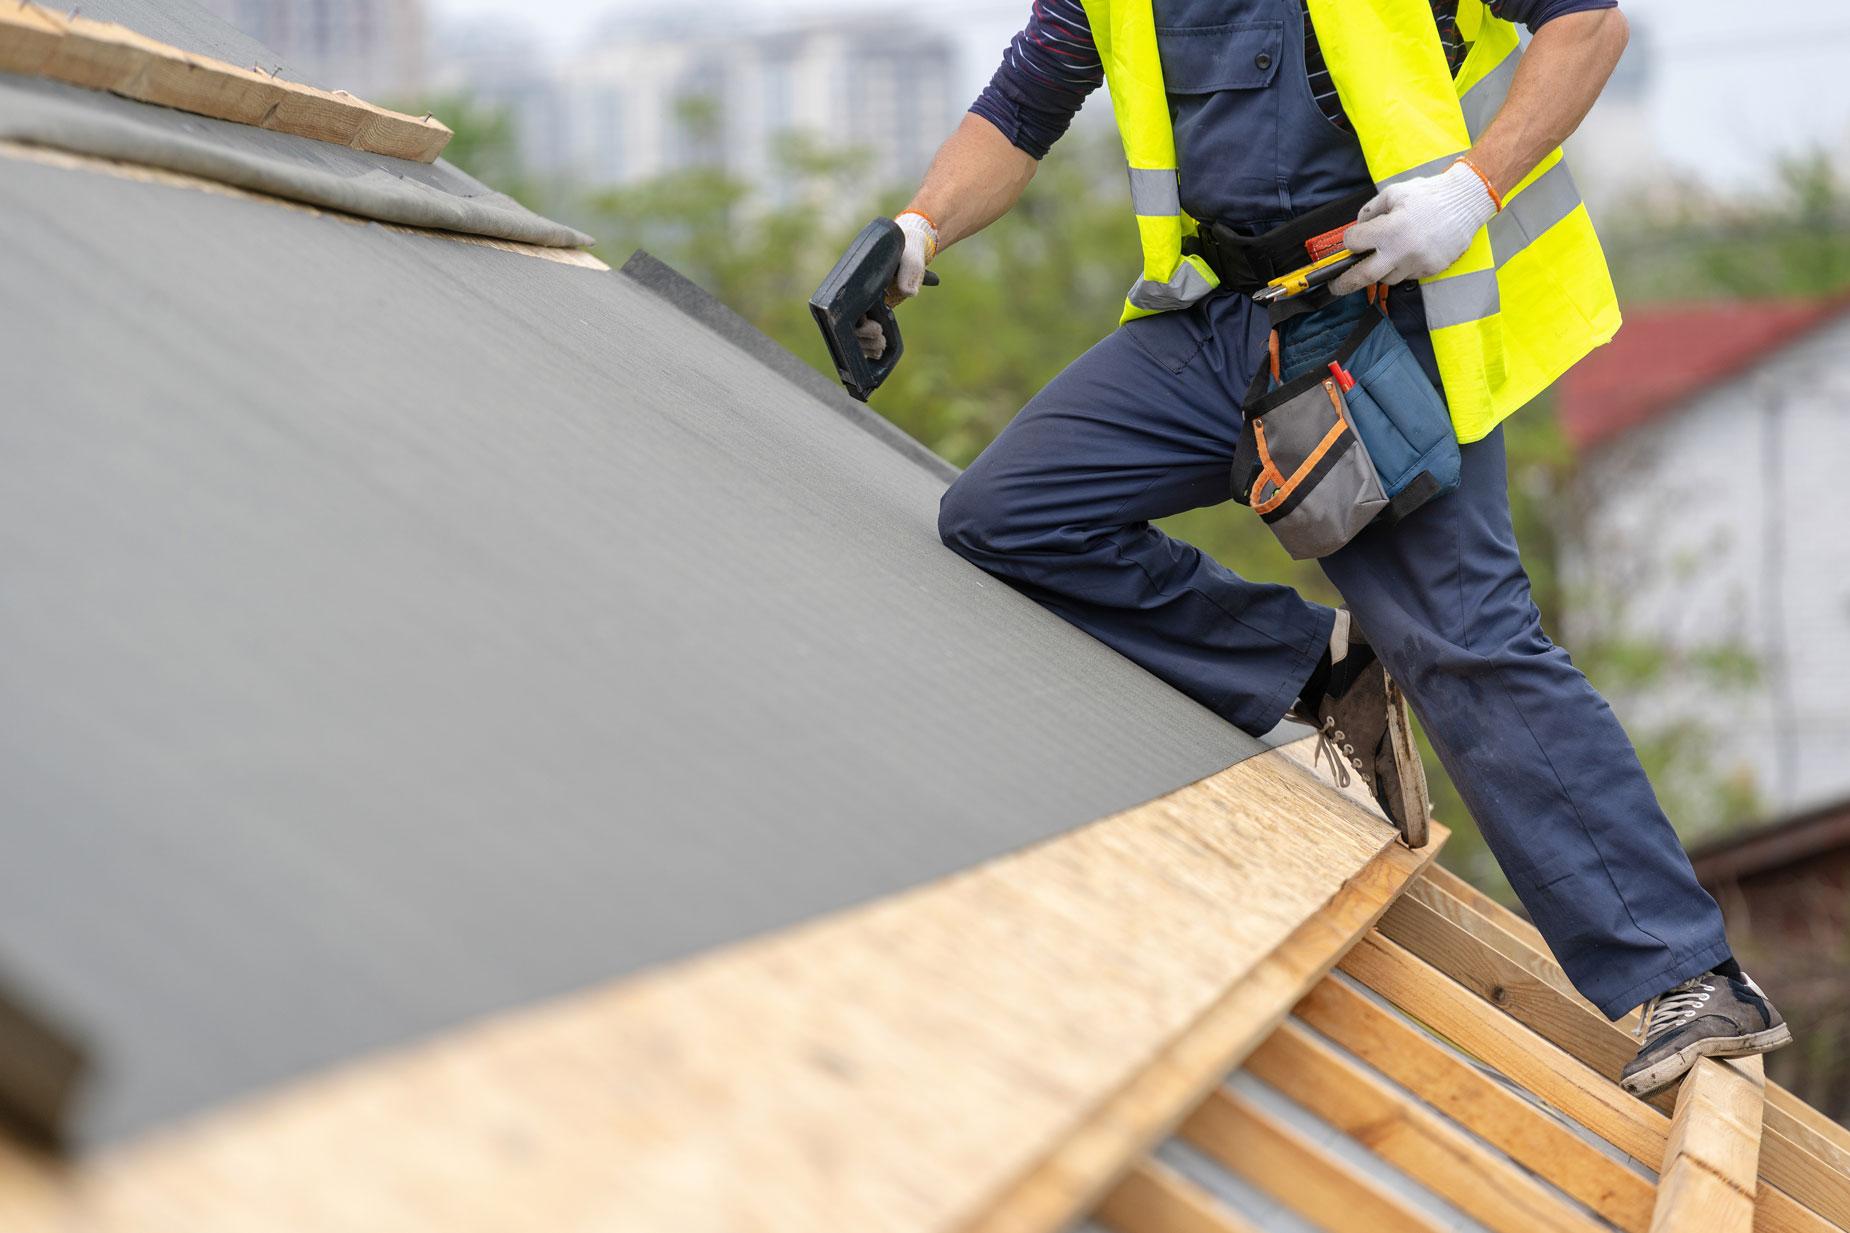 Rénovation d'une toiture : quel est le prix au m²